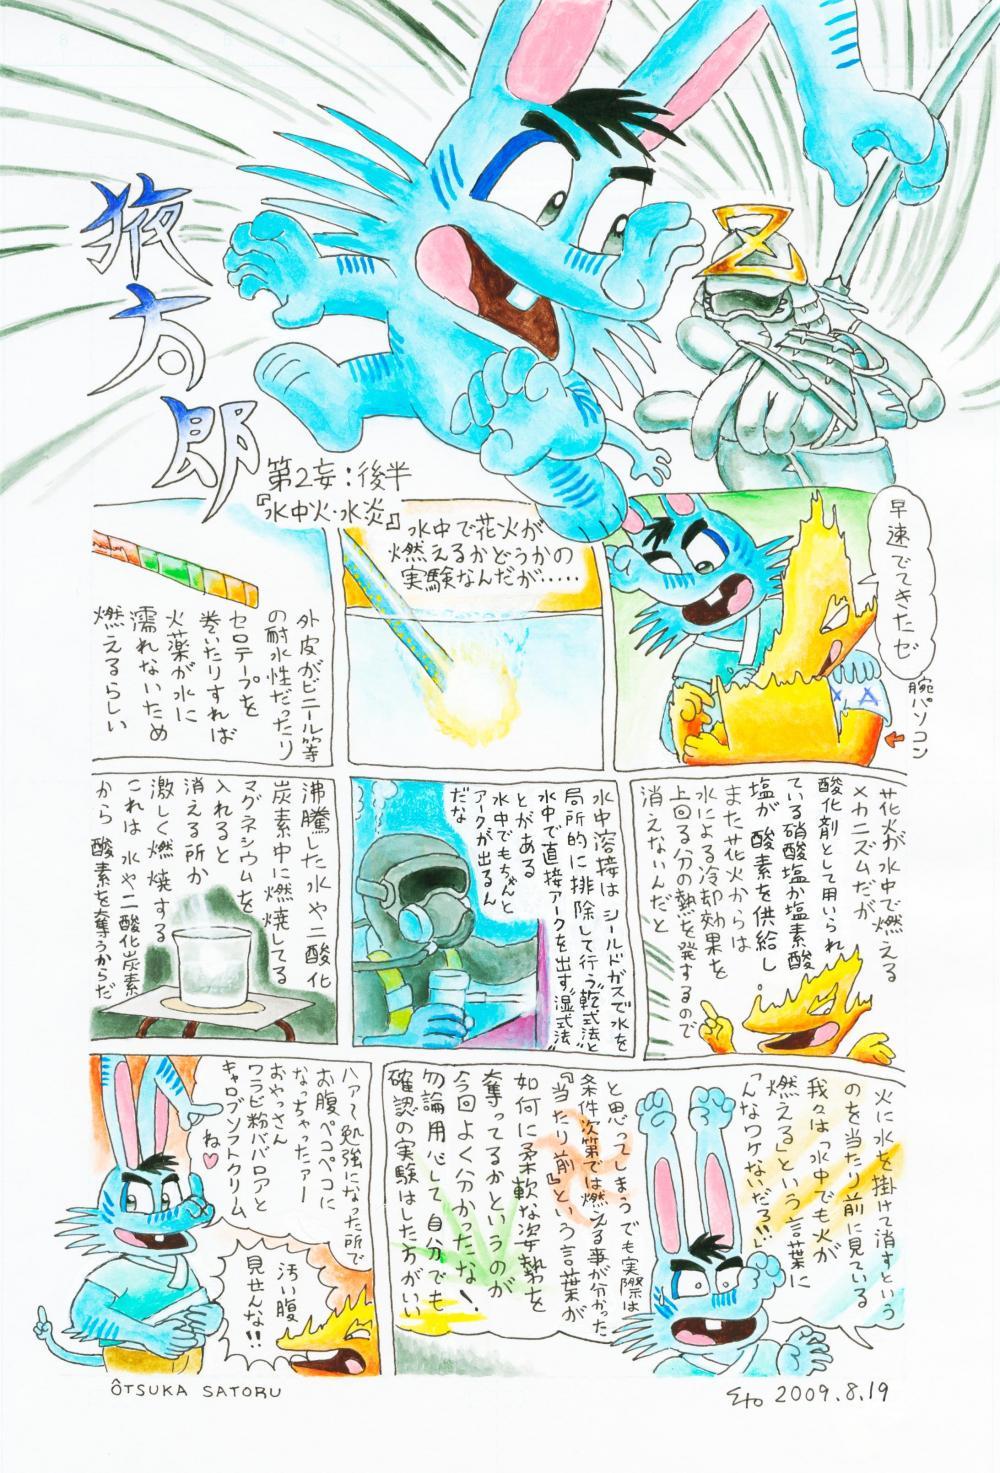 鬼目羅の犭夜太郎(鵺太郎)(2)後半 2008.8.19